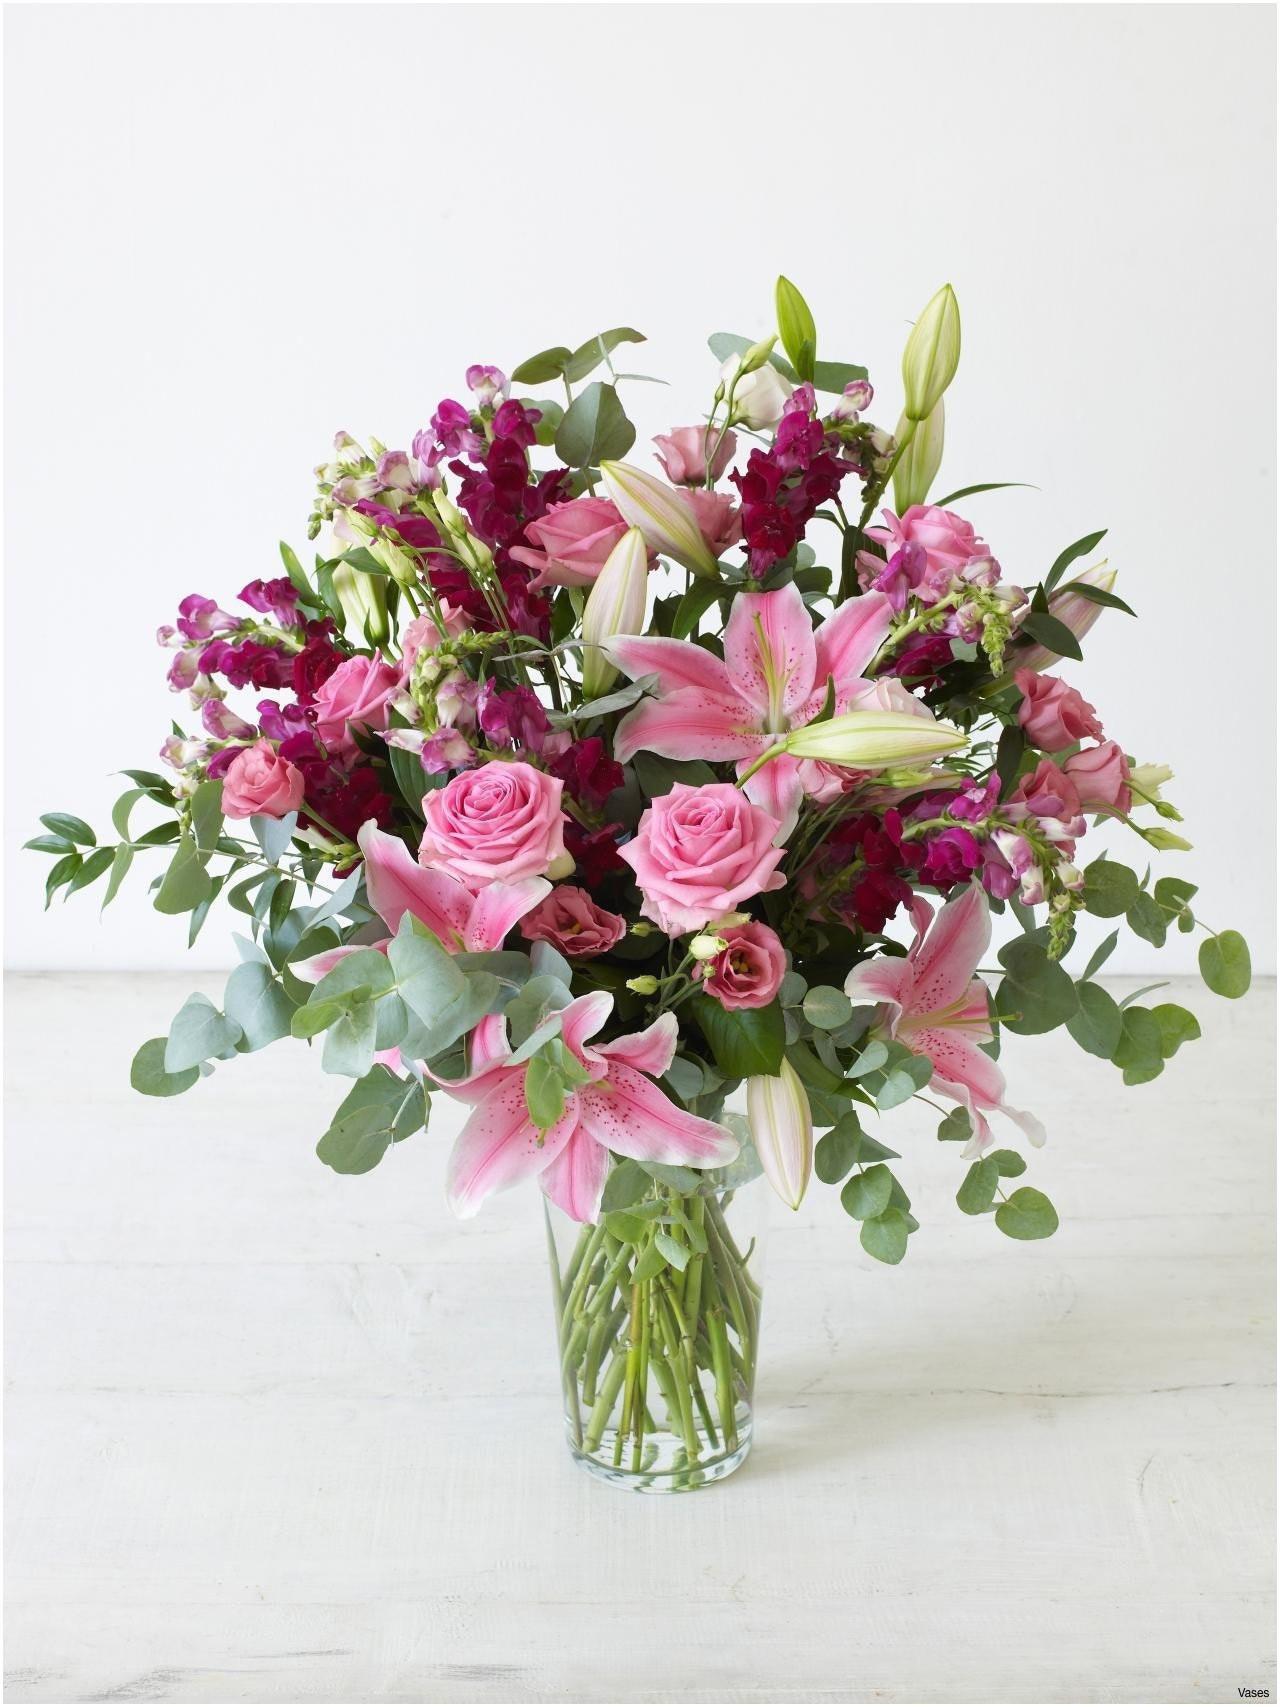 Cheap Flowers Sensational Flower Arrangements Elegant Floral Arrangements 0d Design Ideas 1280 75 Magnificent Cheap